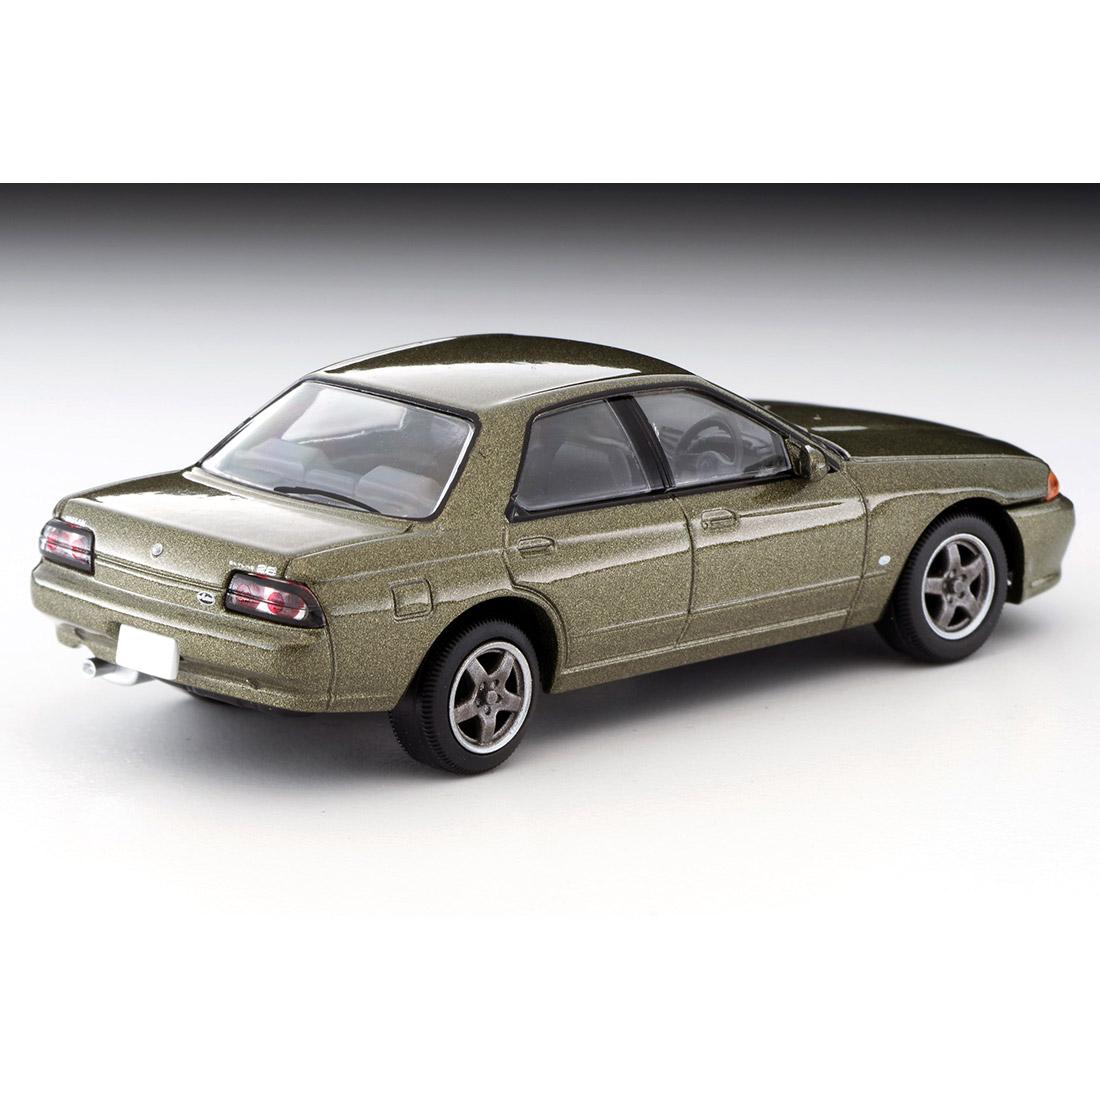 トミカリミテッド ヴィンテージ ネオ TLV-NEO『LV-N213a スカイライン オーテックバージョン』ミニカー-003